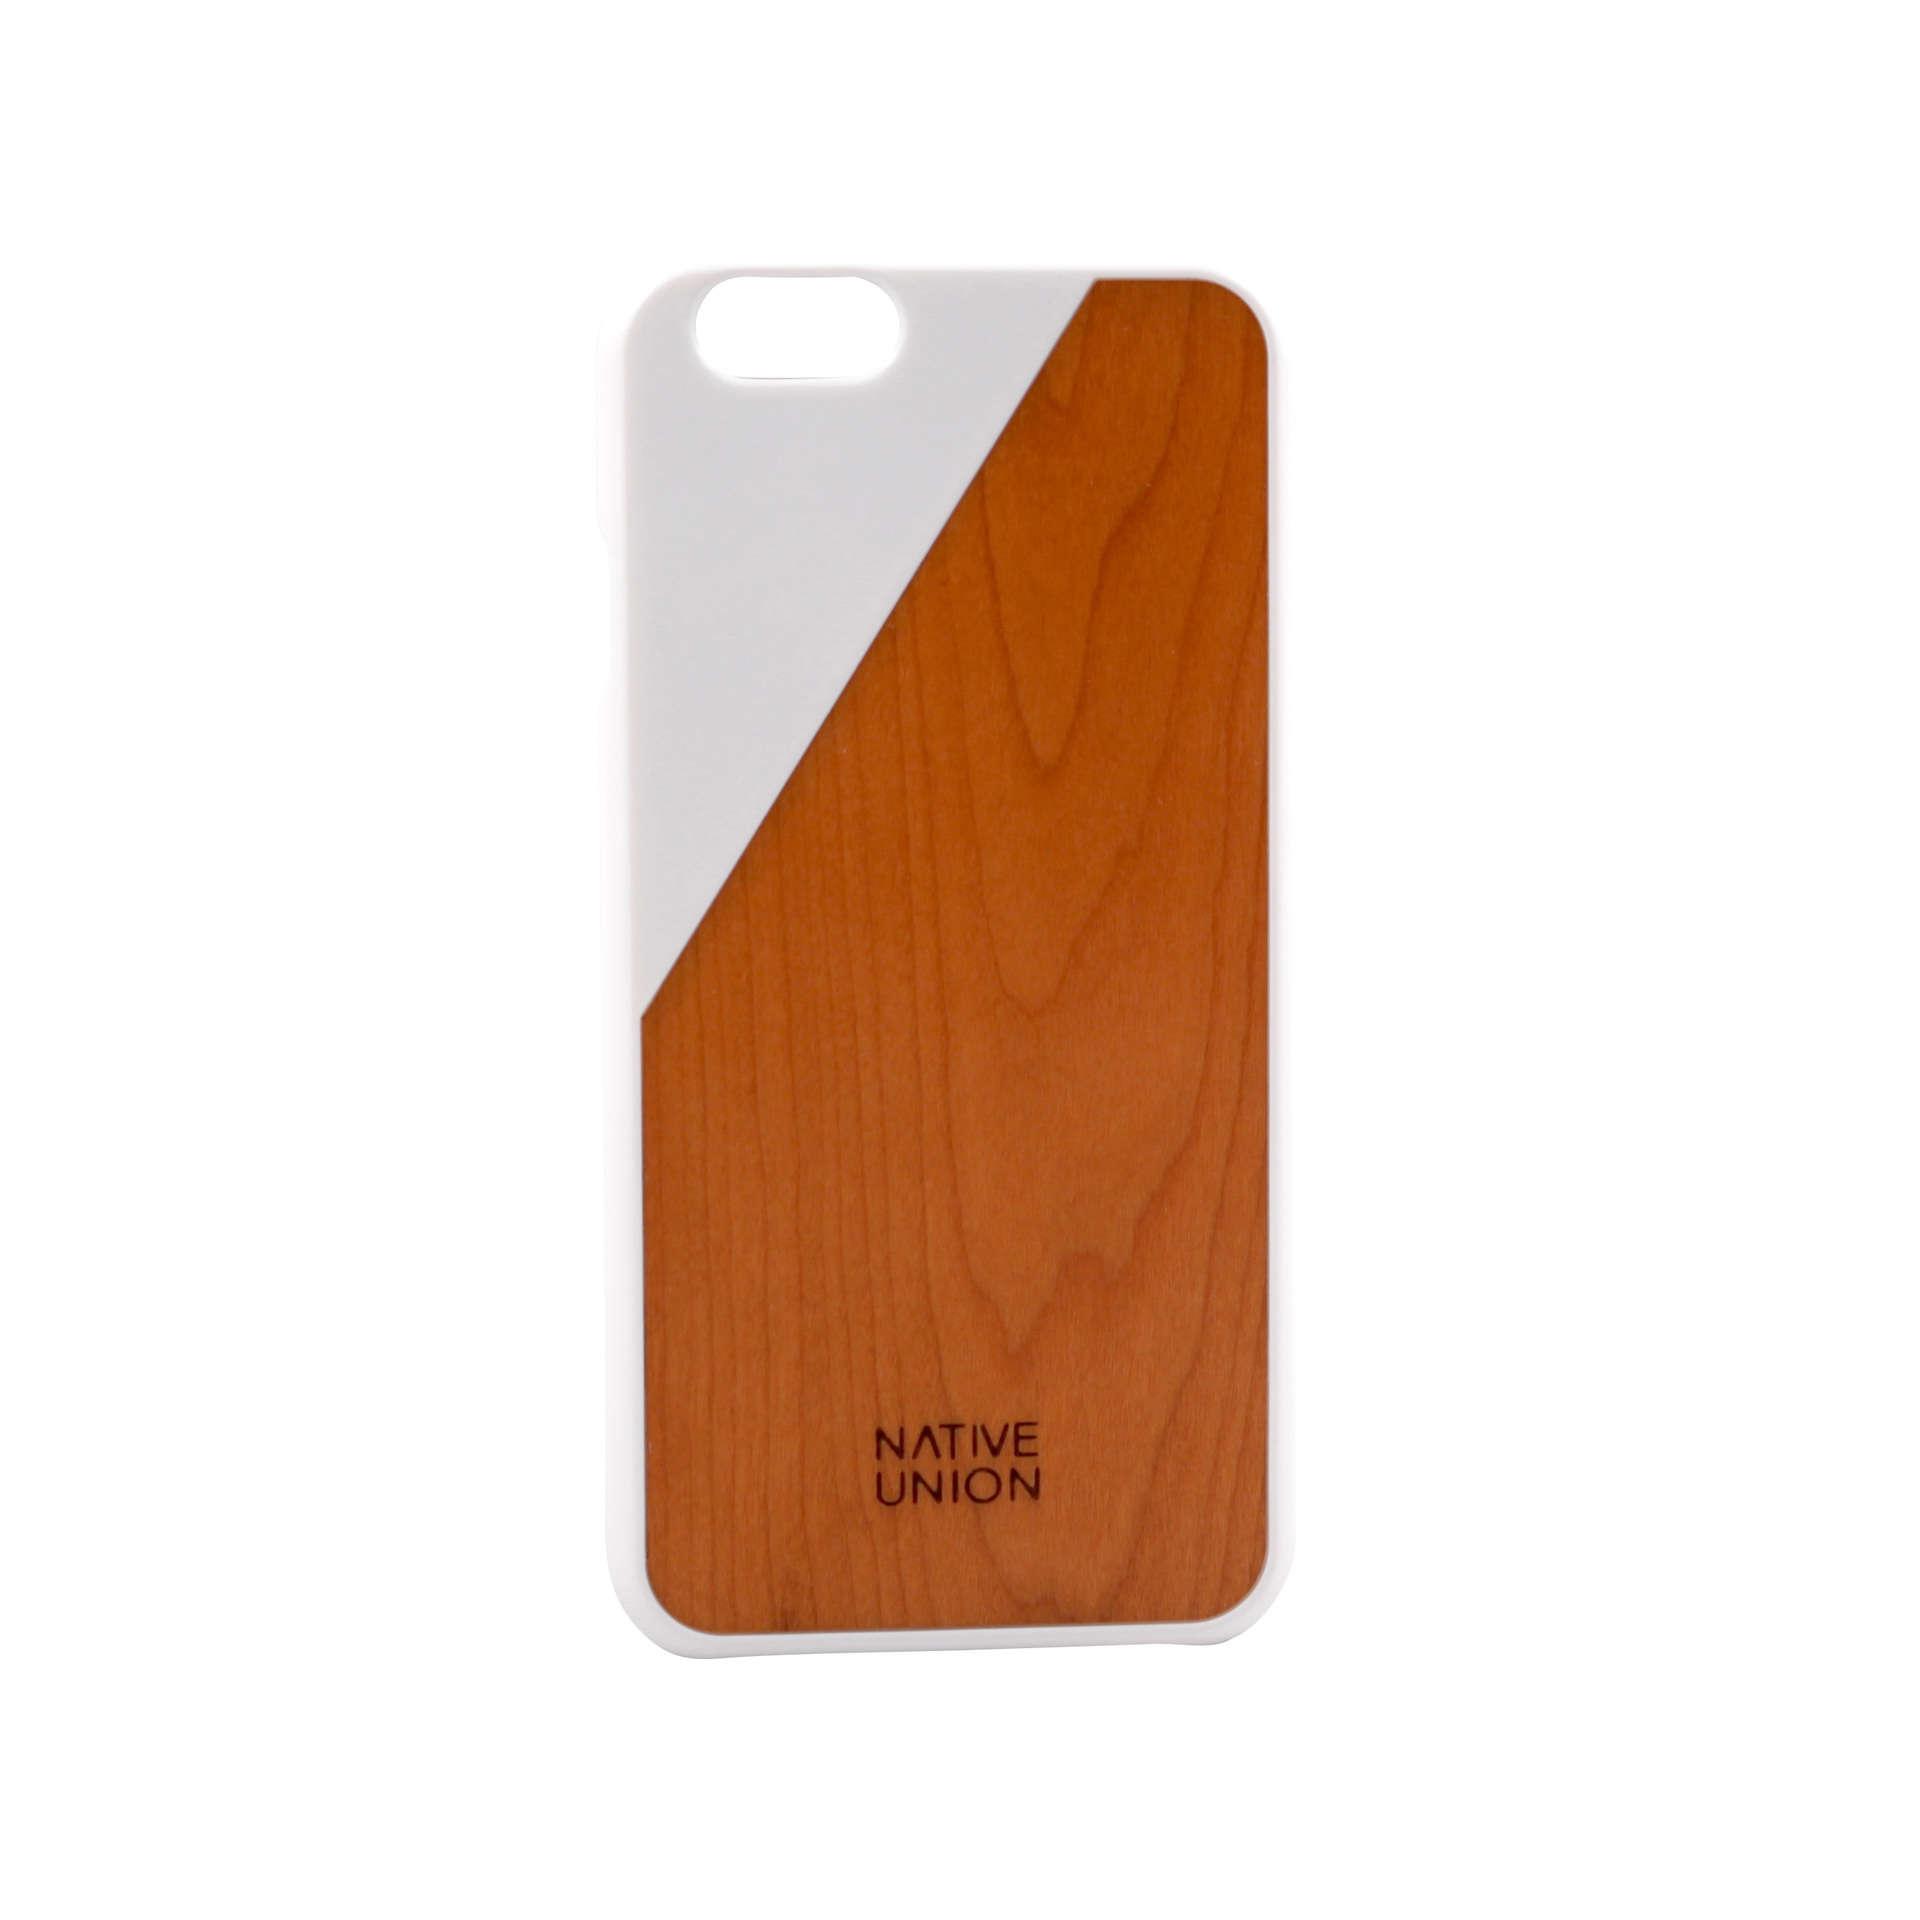 NU Clic iPhone 6 (White)